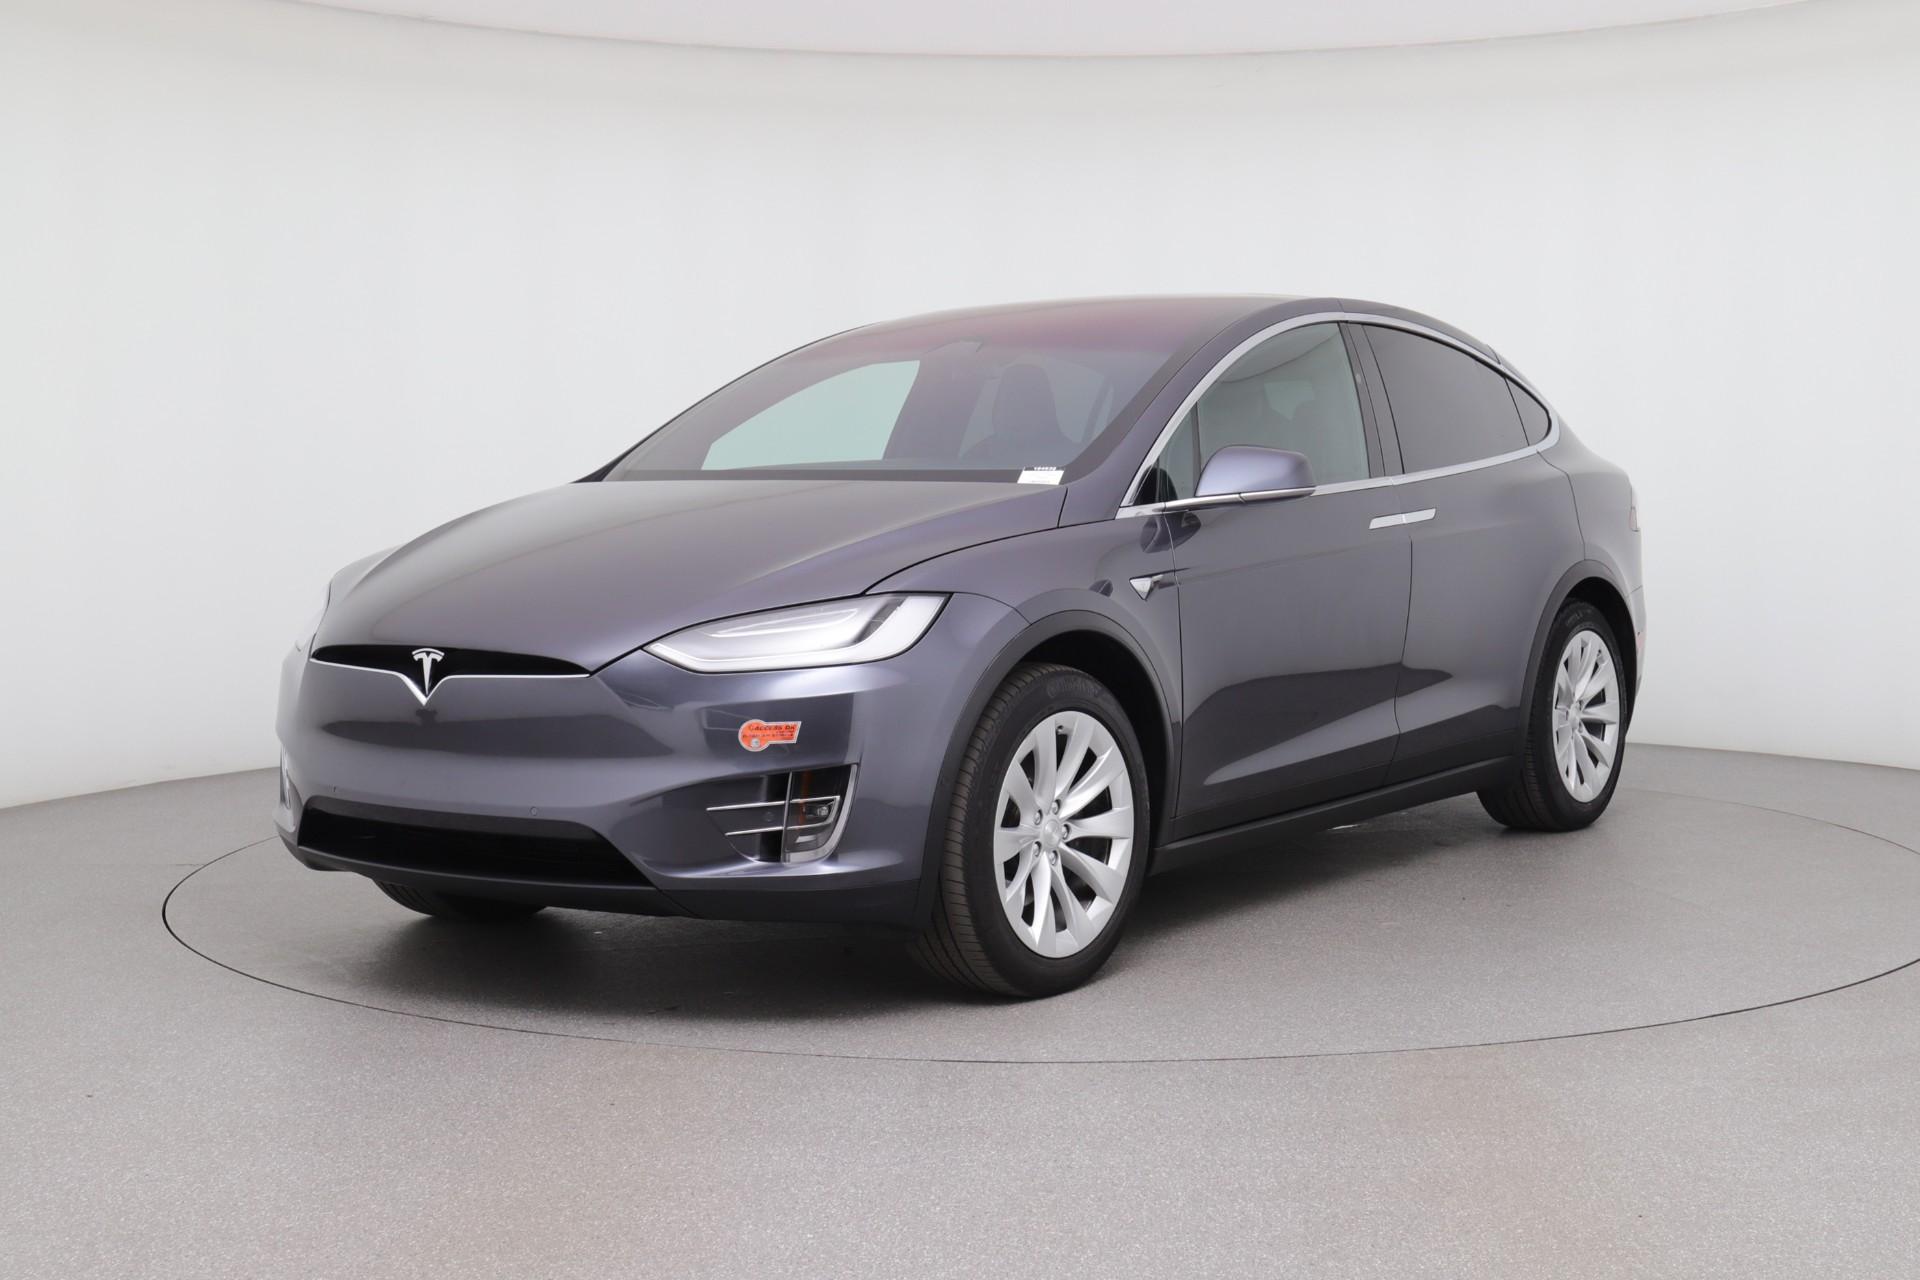 2019 Tesla Model X (from $77,150)